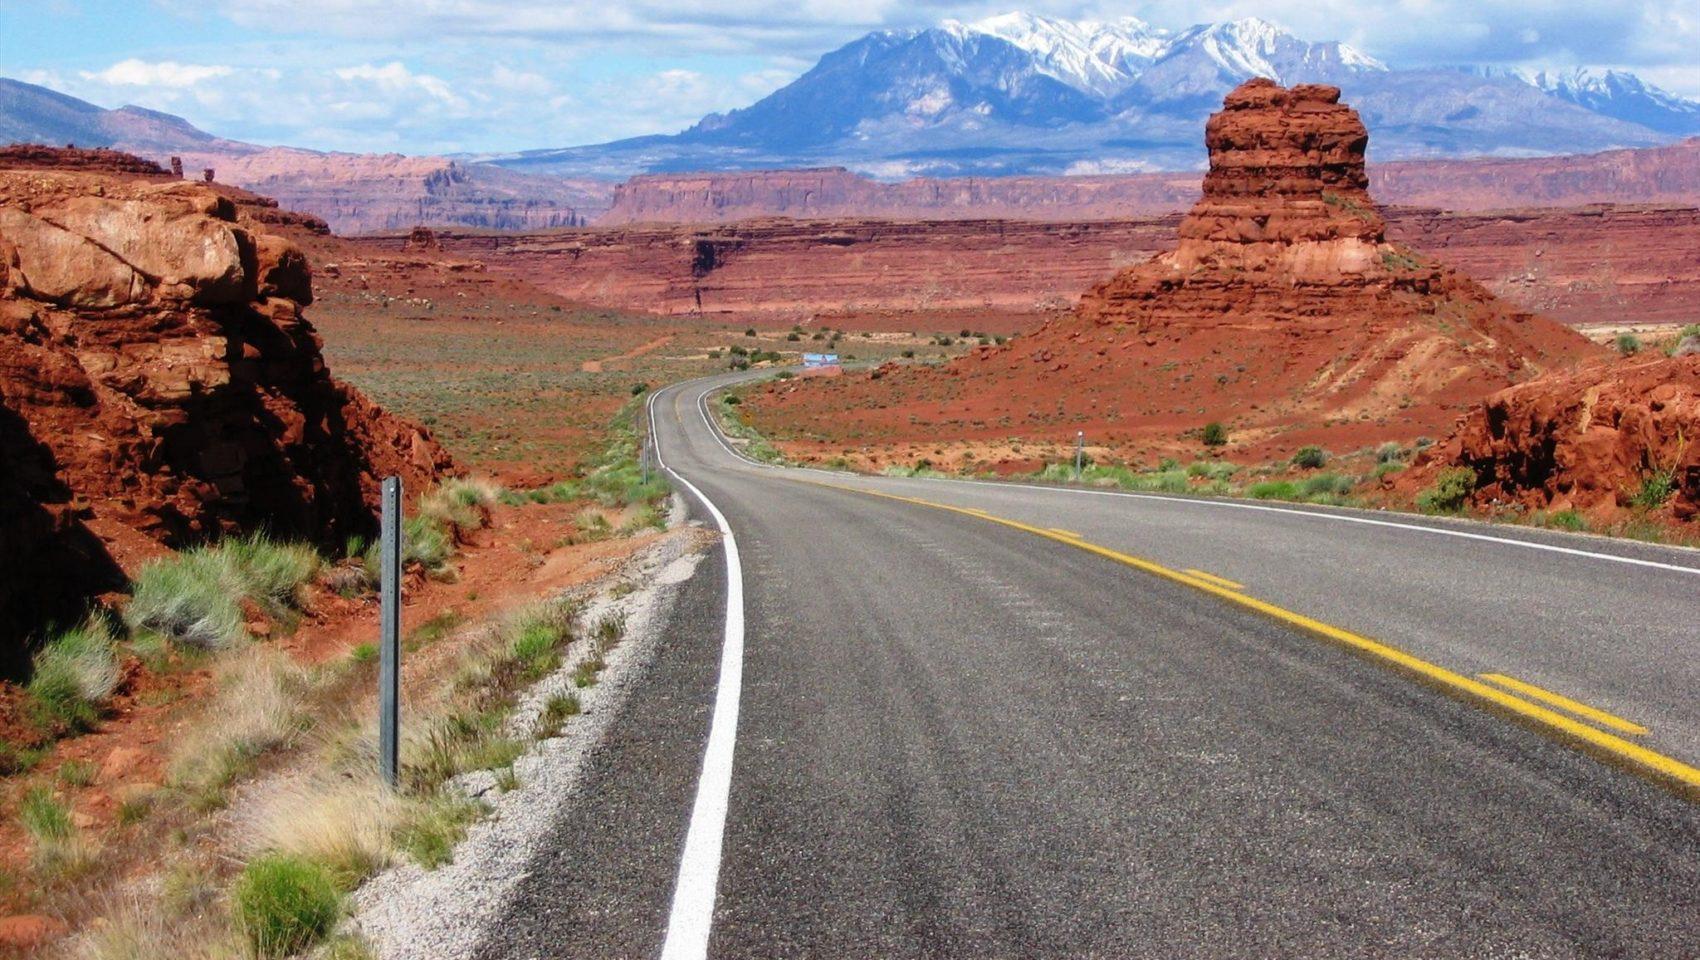 Road into Moab, Utah